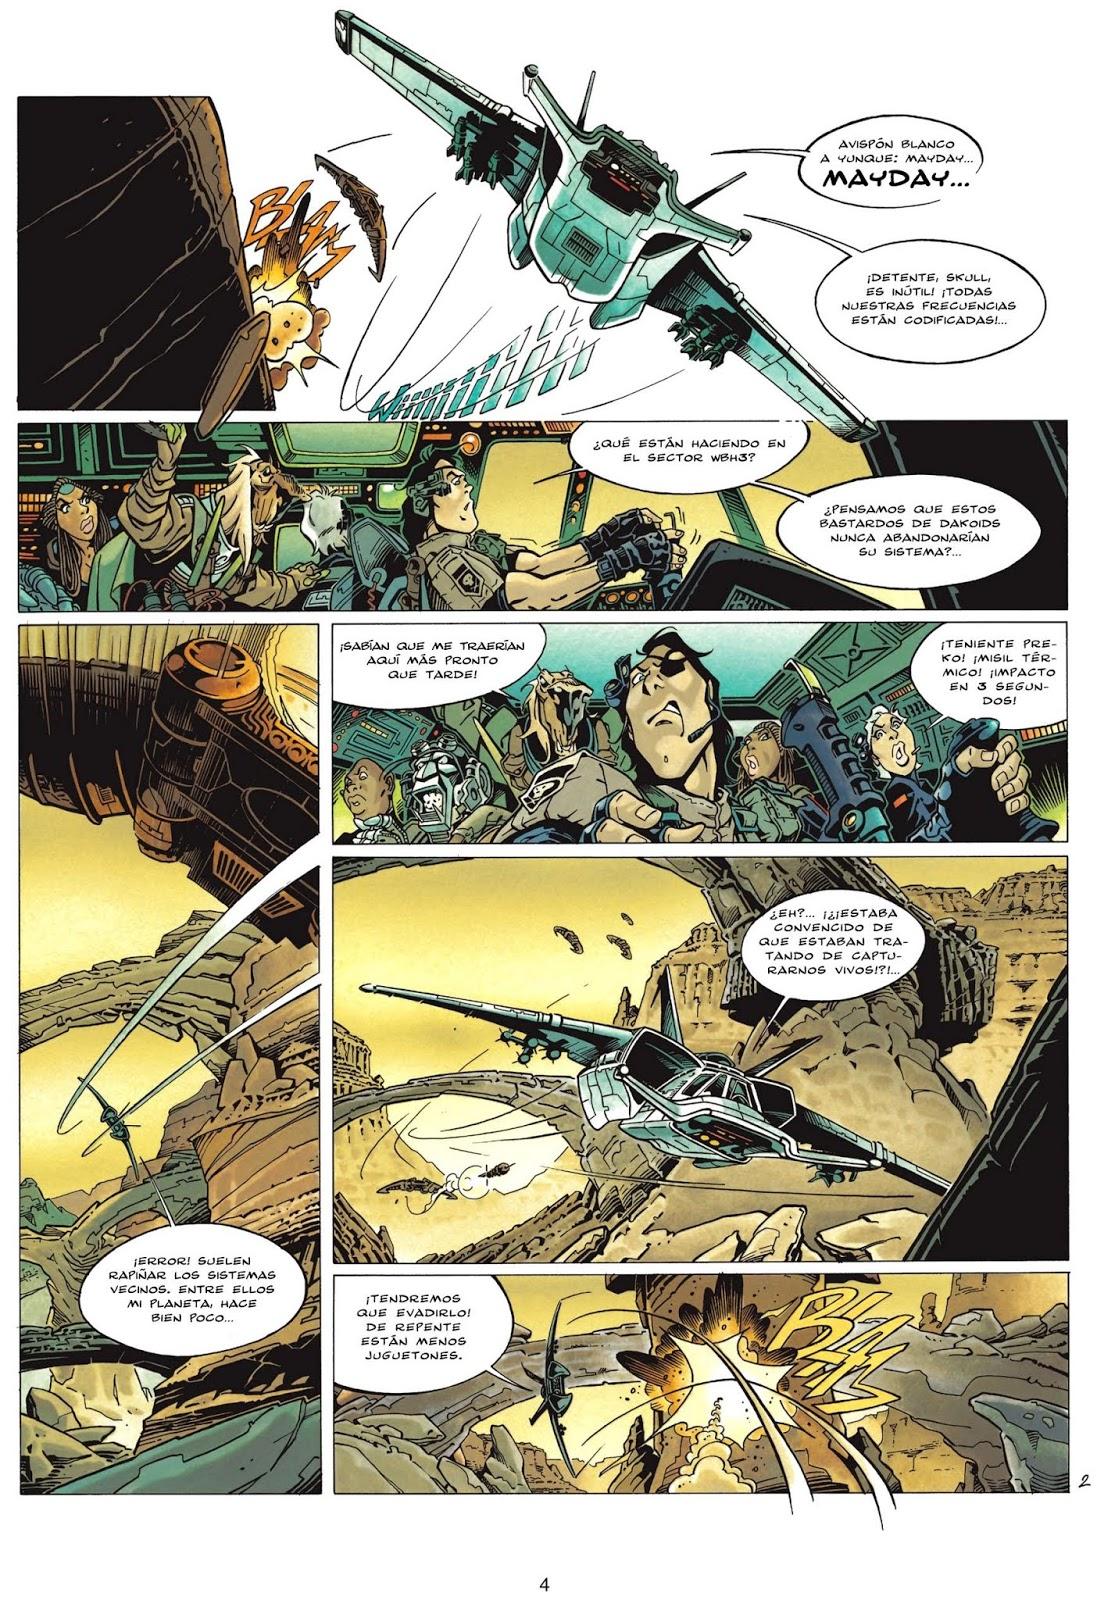 ComicAlt: Kookaburra